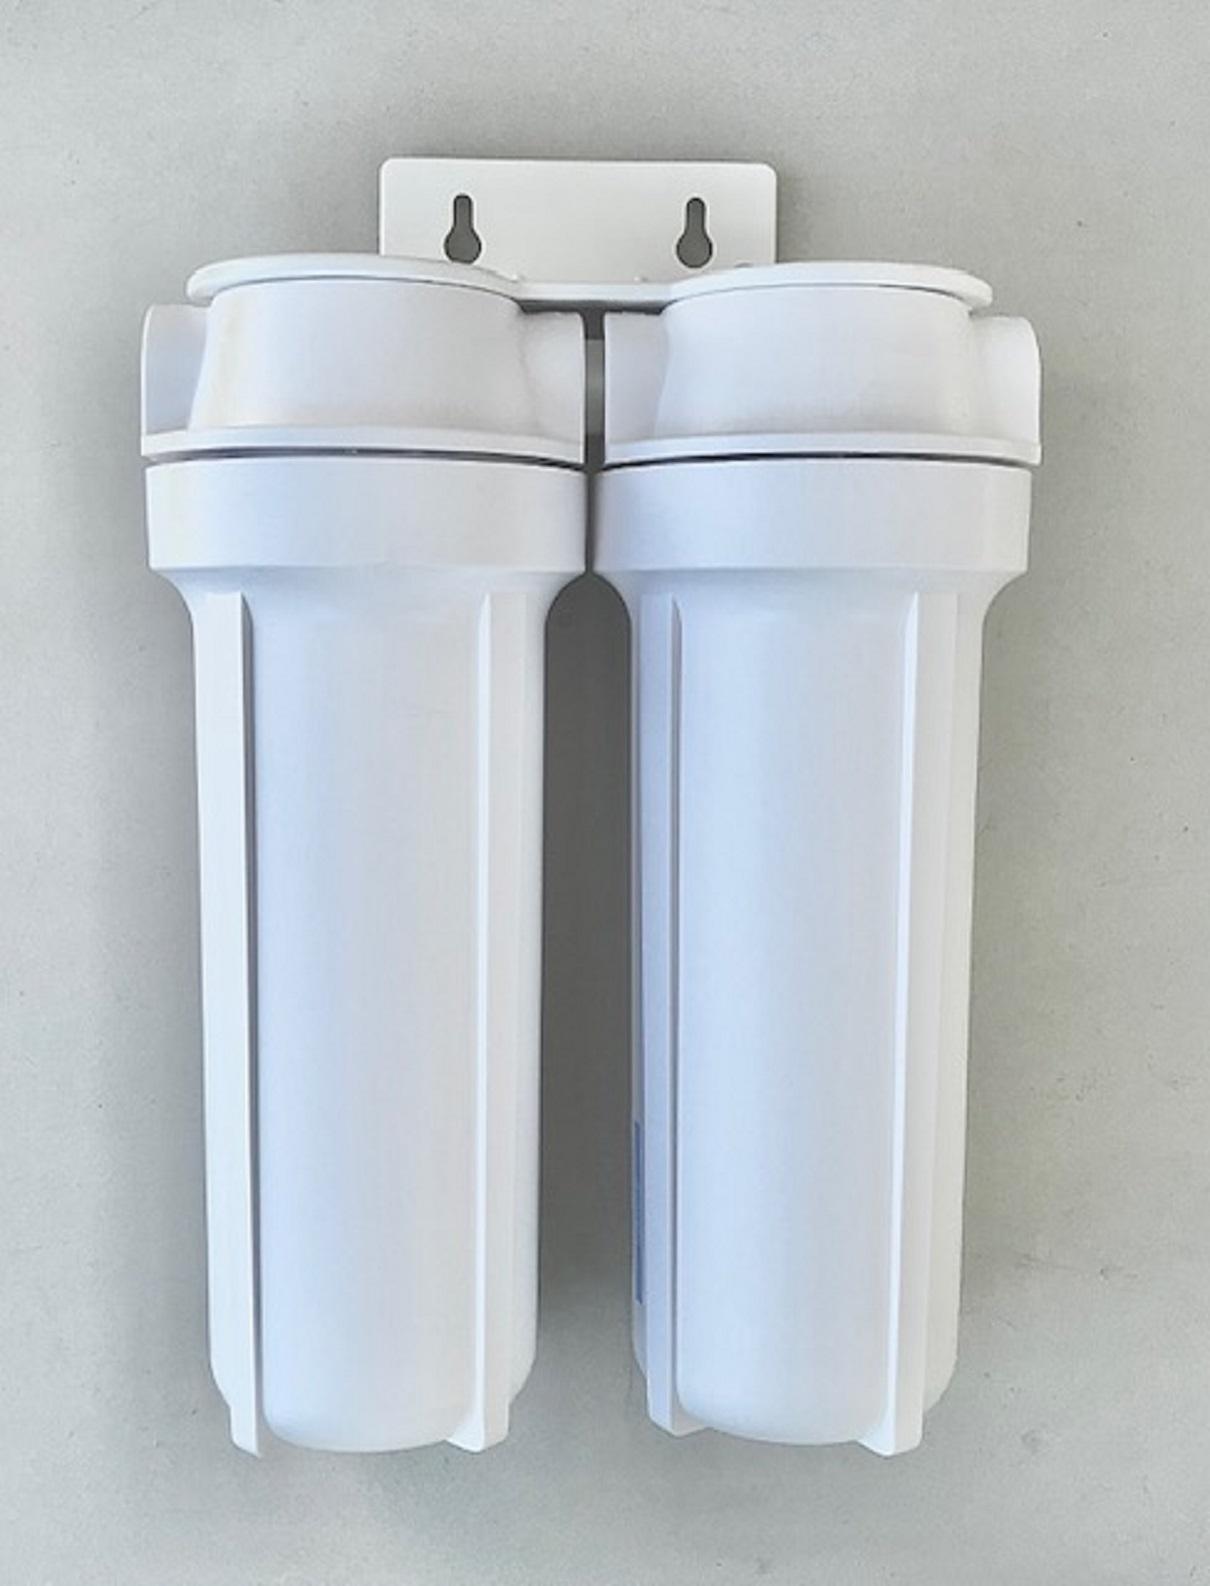 Filtro de água Duplo para fabricação de cerveja artesanal - Branco - Retira Cloro